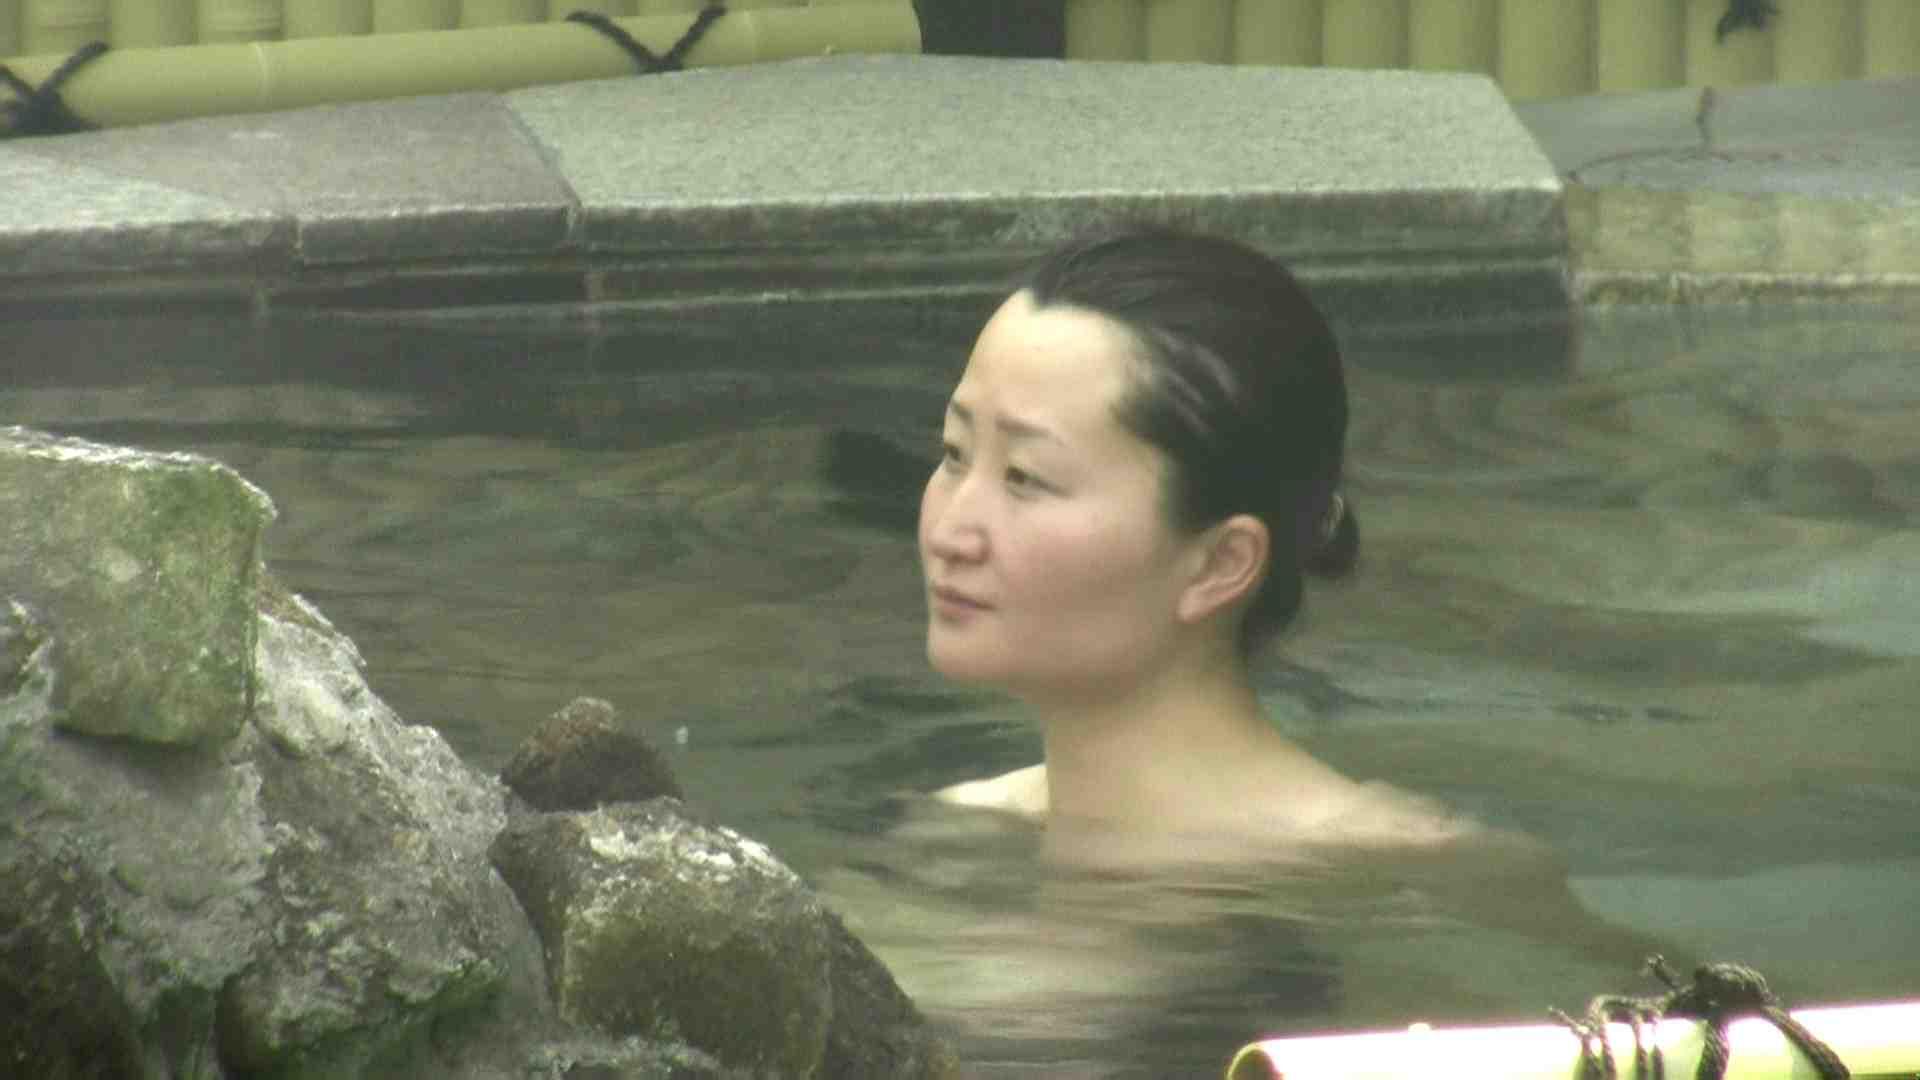 Aquaな露天風呂Vol.632 盗撮  70画像 24